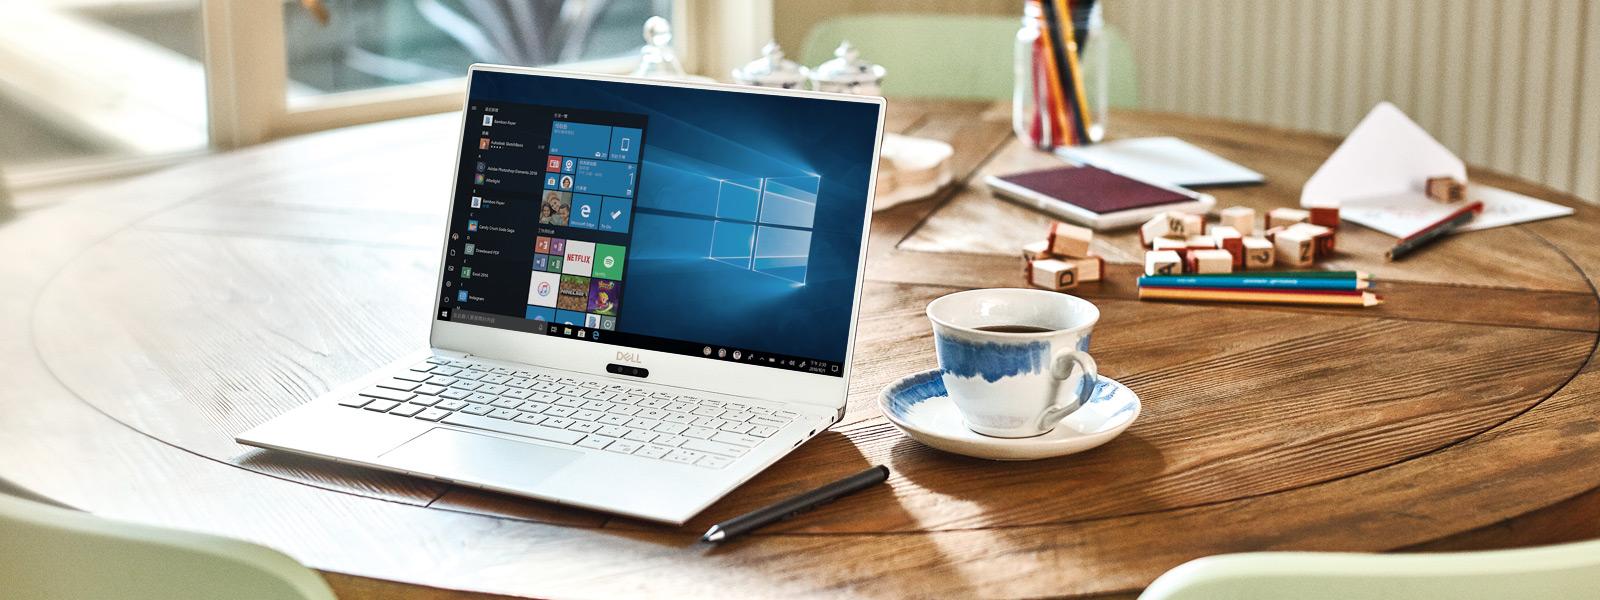 桌上的 Dell XPS 13 9370 開啟著,並顯示 Windows 10 開始畫面。